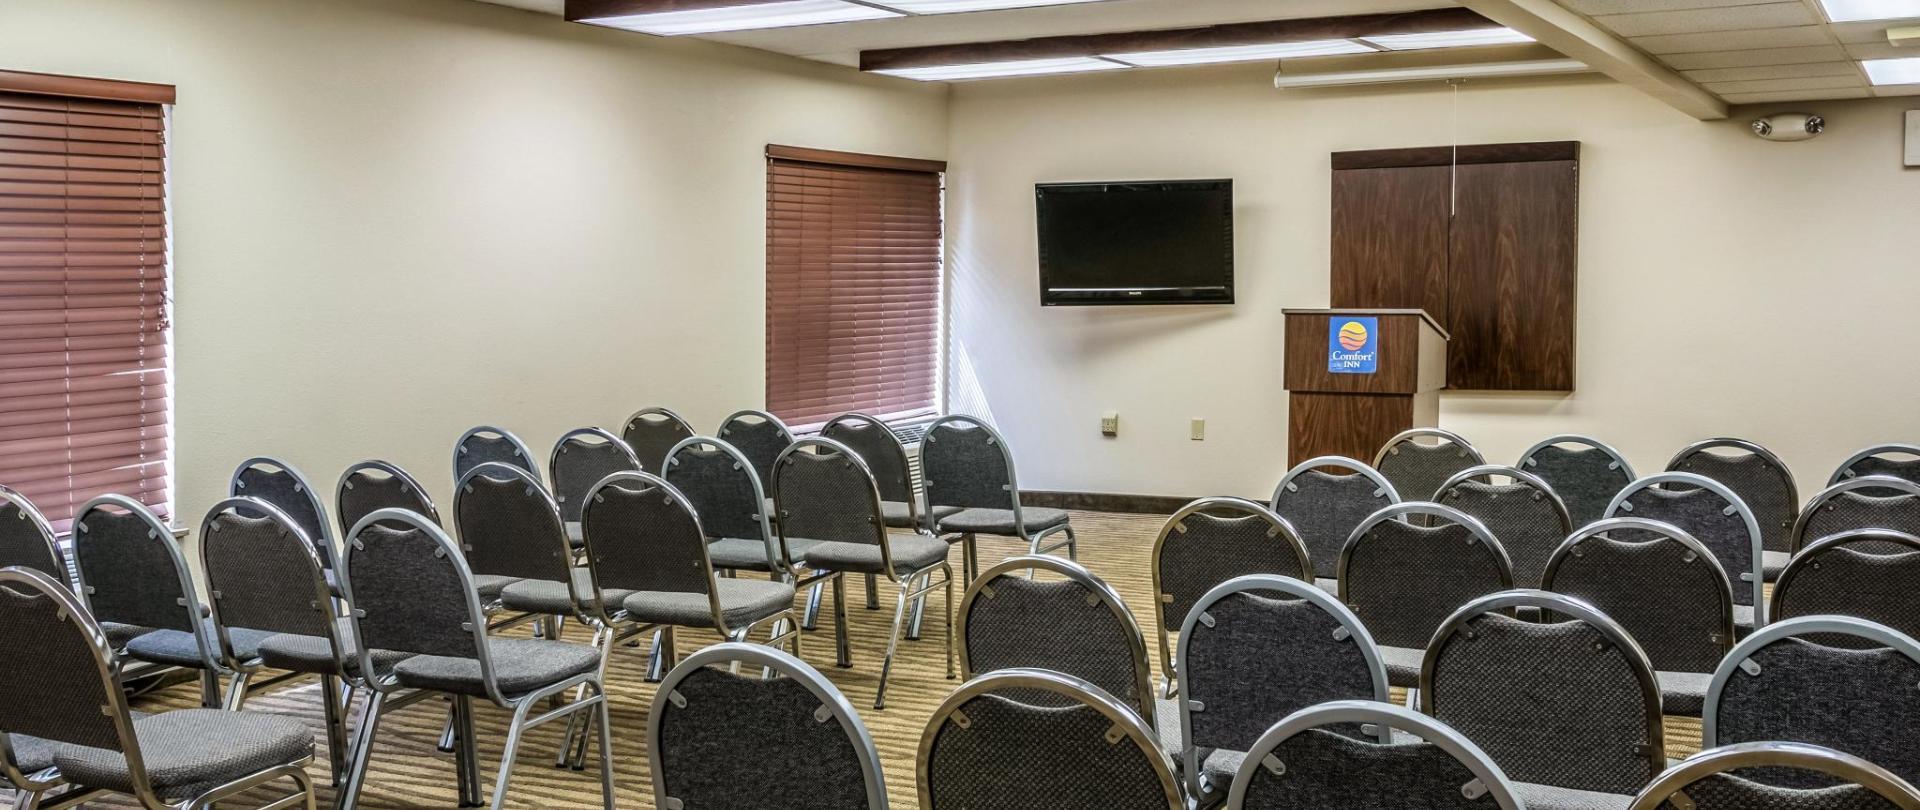 Meeting Room T1.jpg